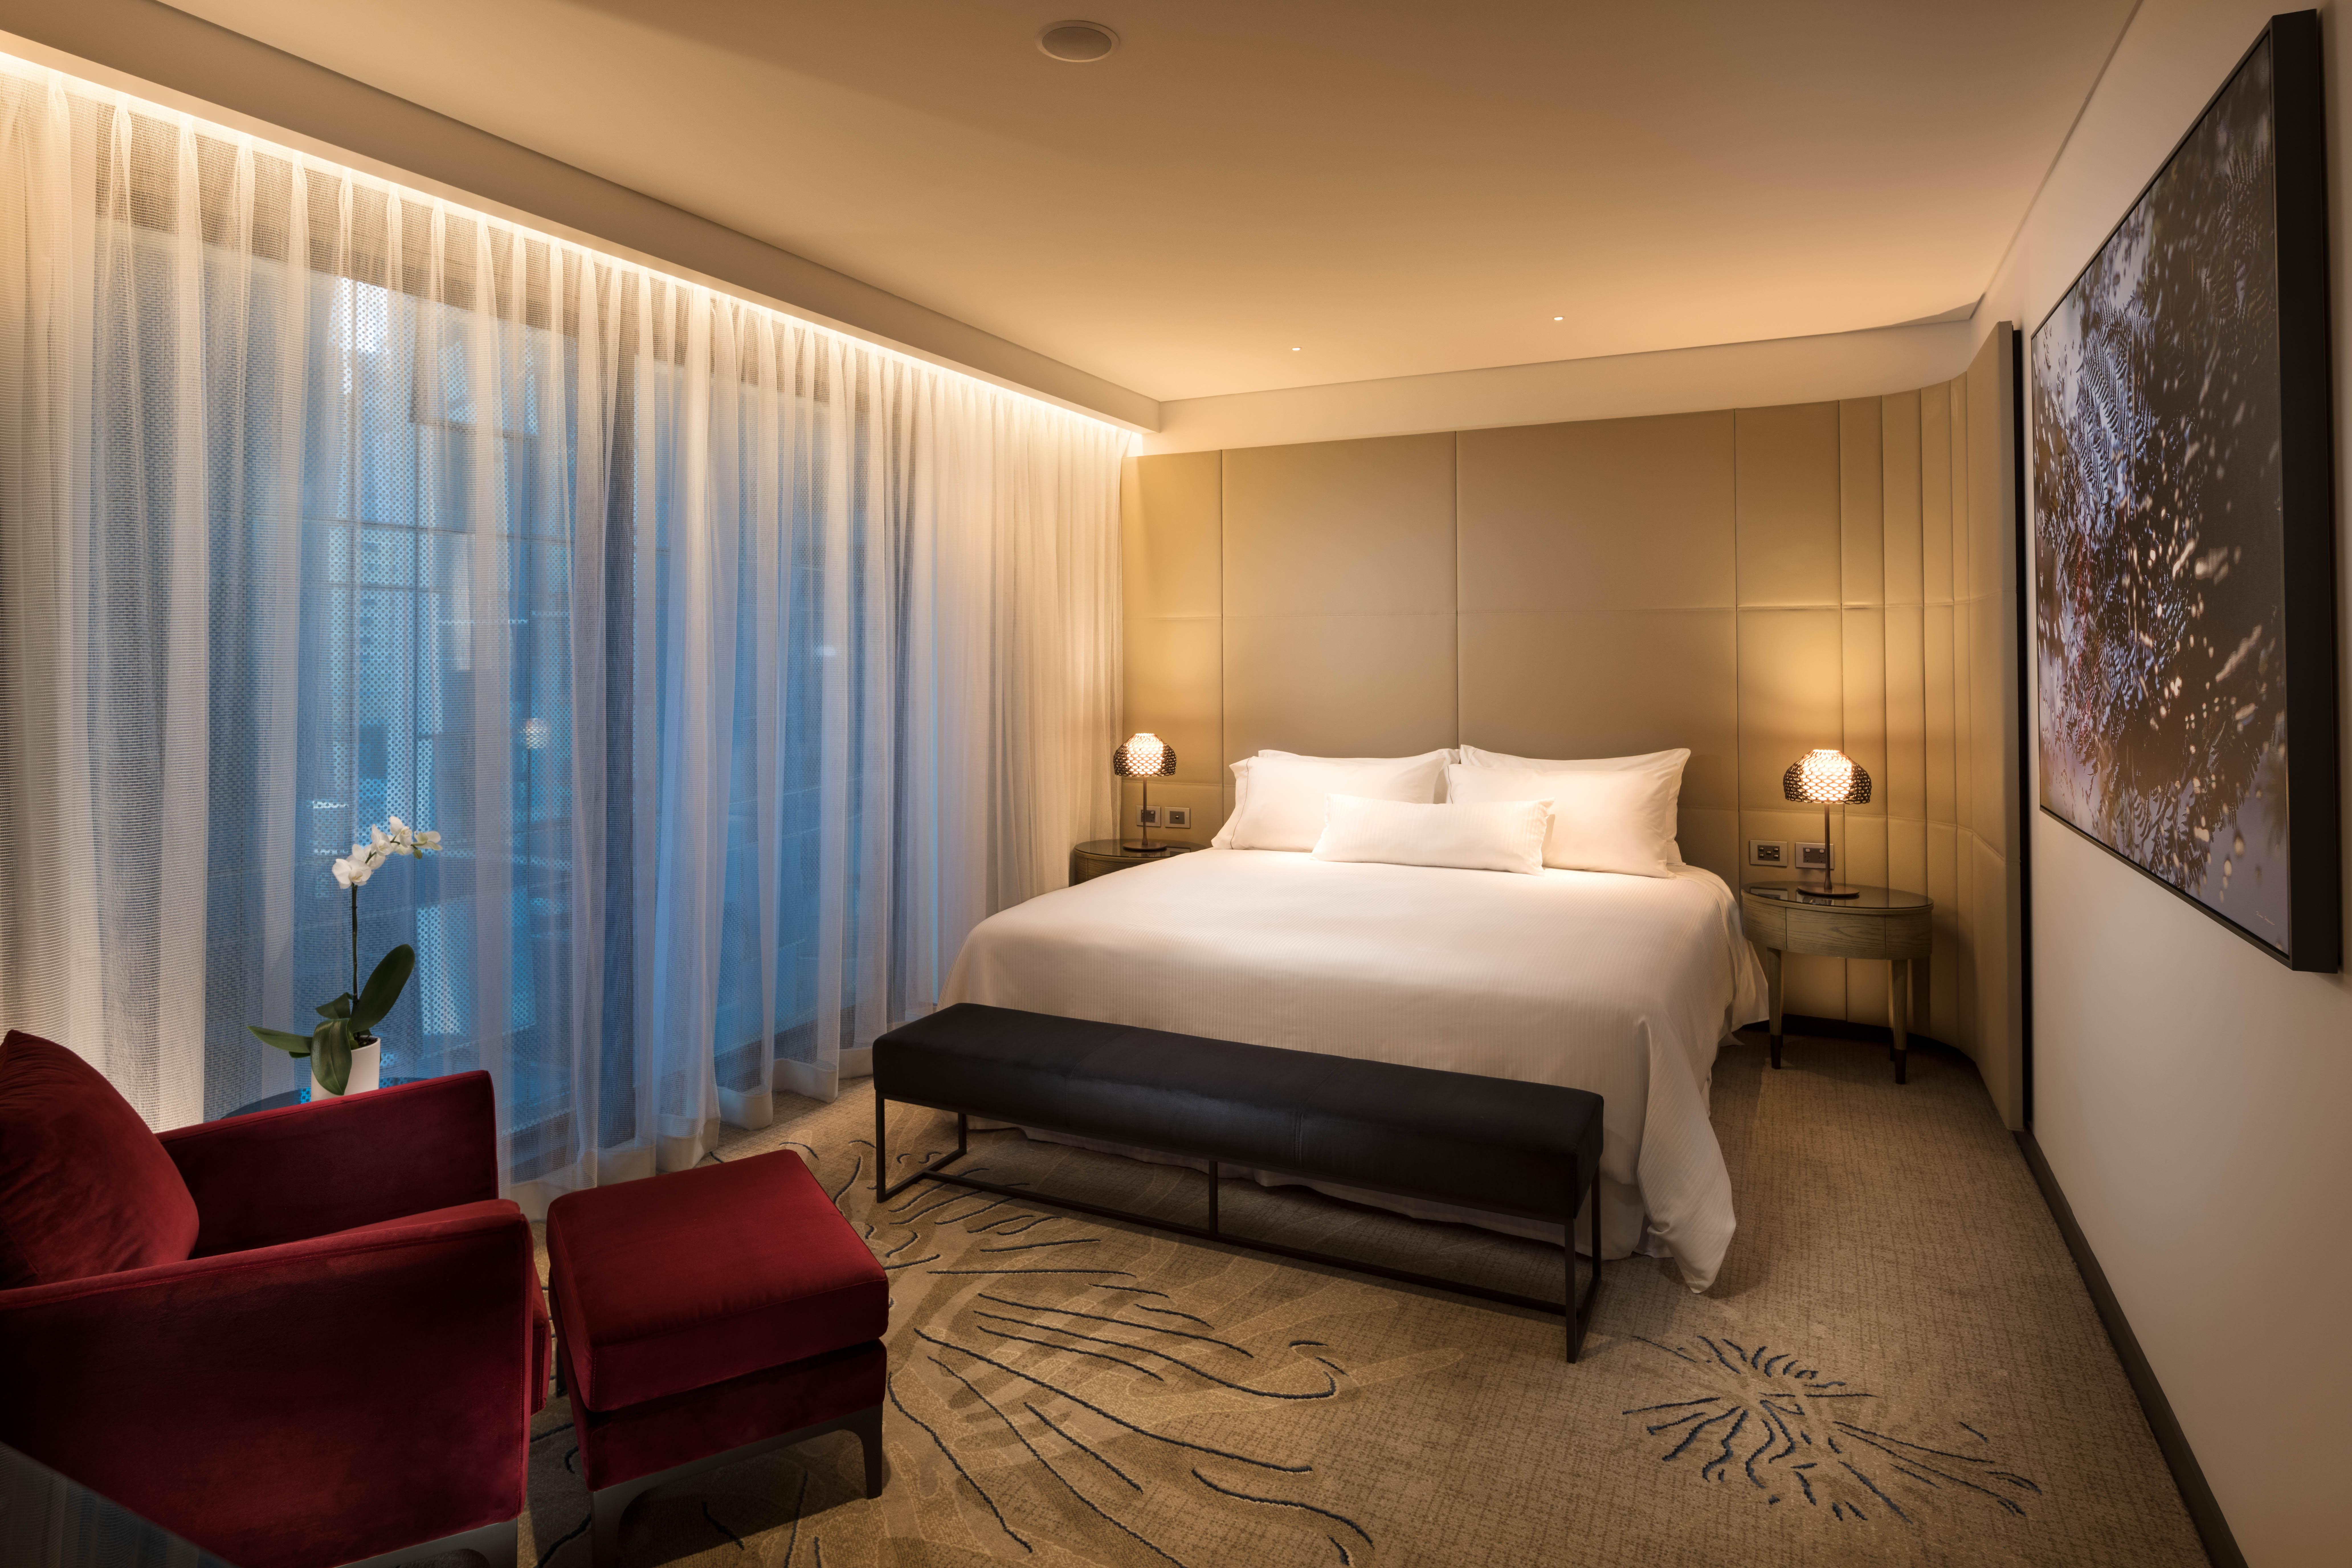 澳洲布里斯本威斯汀(Westin)酒店